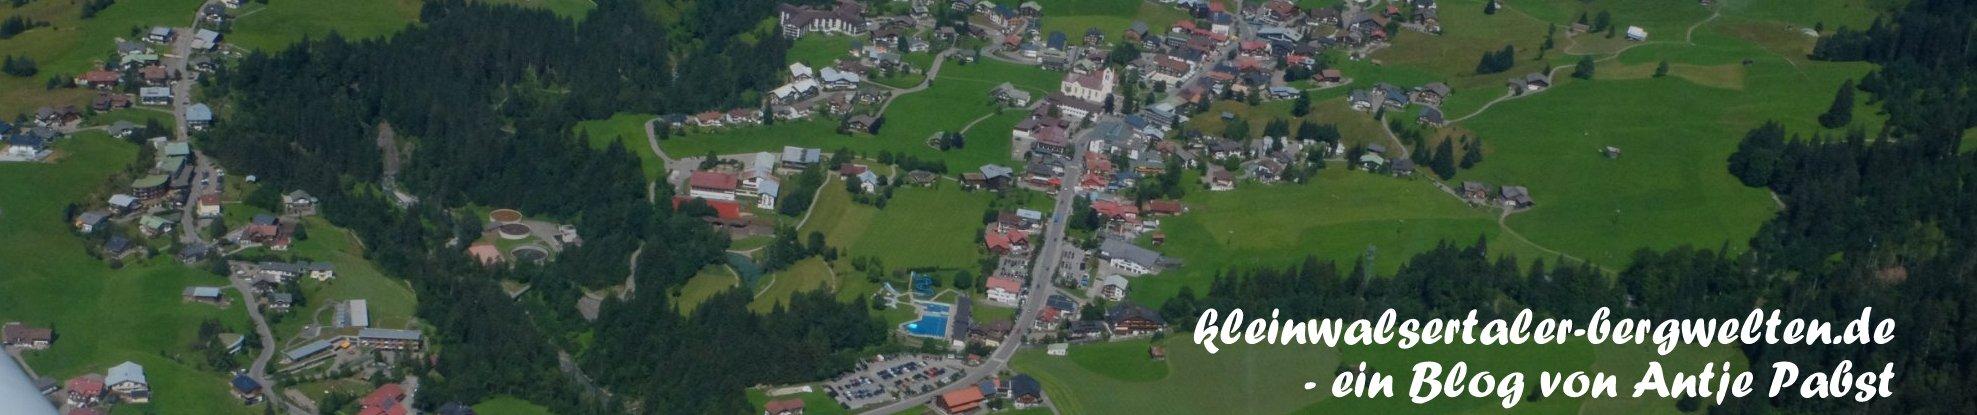 kleinwalsertaler-bergwelten.de